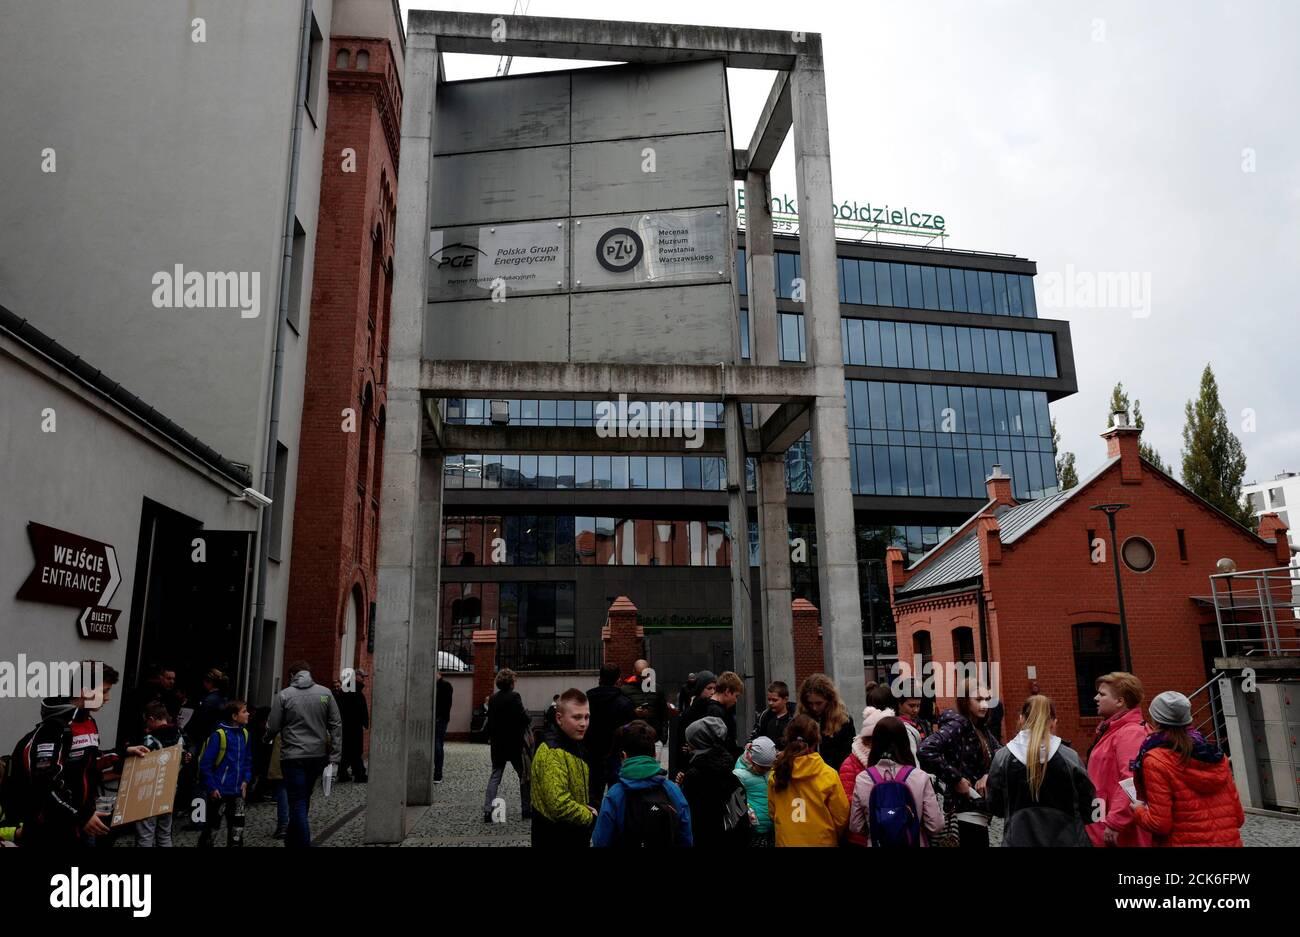 Les logos des sociétés contrôlées par l'État PGE et PZU sont visibles sur le Waring Museum de Varsovie, Pologne le 7 octobre 2017. Photo prise le 7 octobre 2017. REUTERS/Kacper Pempel Banque D'Images